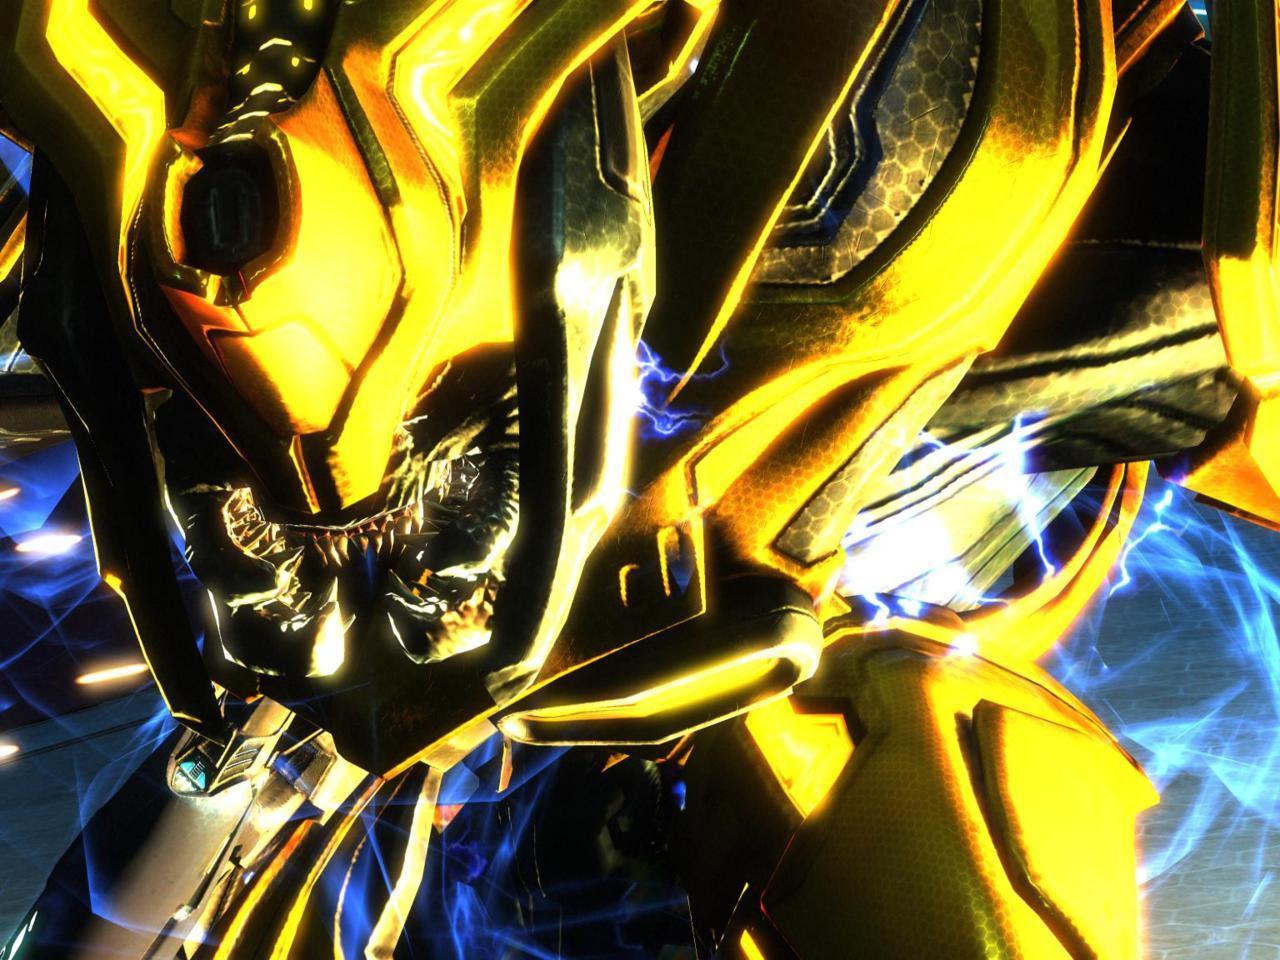 http://25.media.tumblr.com/tumblr_lndoejMdOv1qd73gno1_1280.jpg